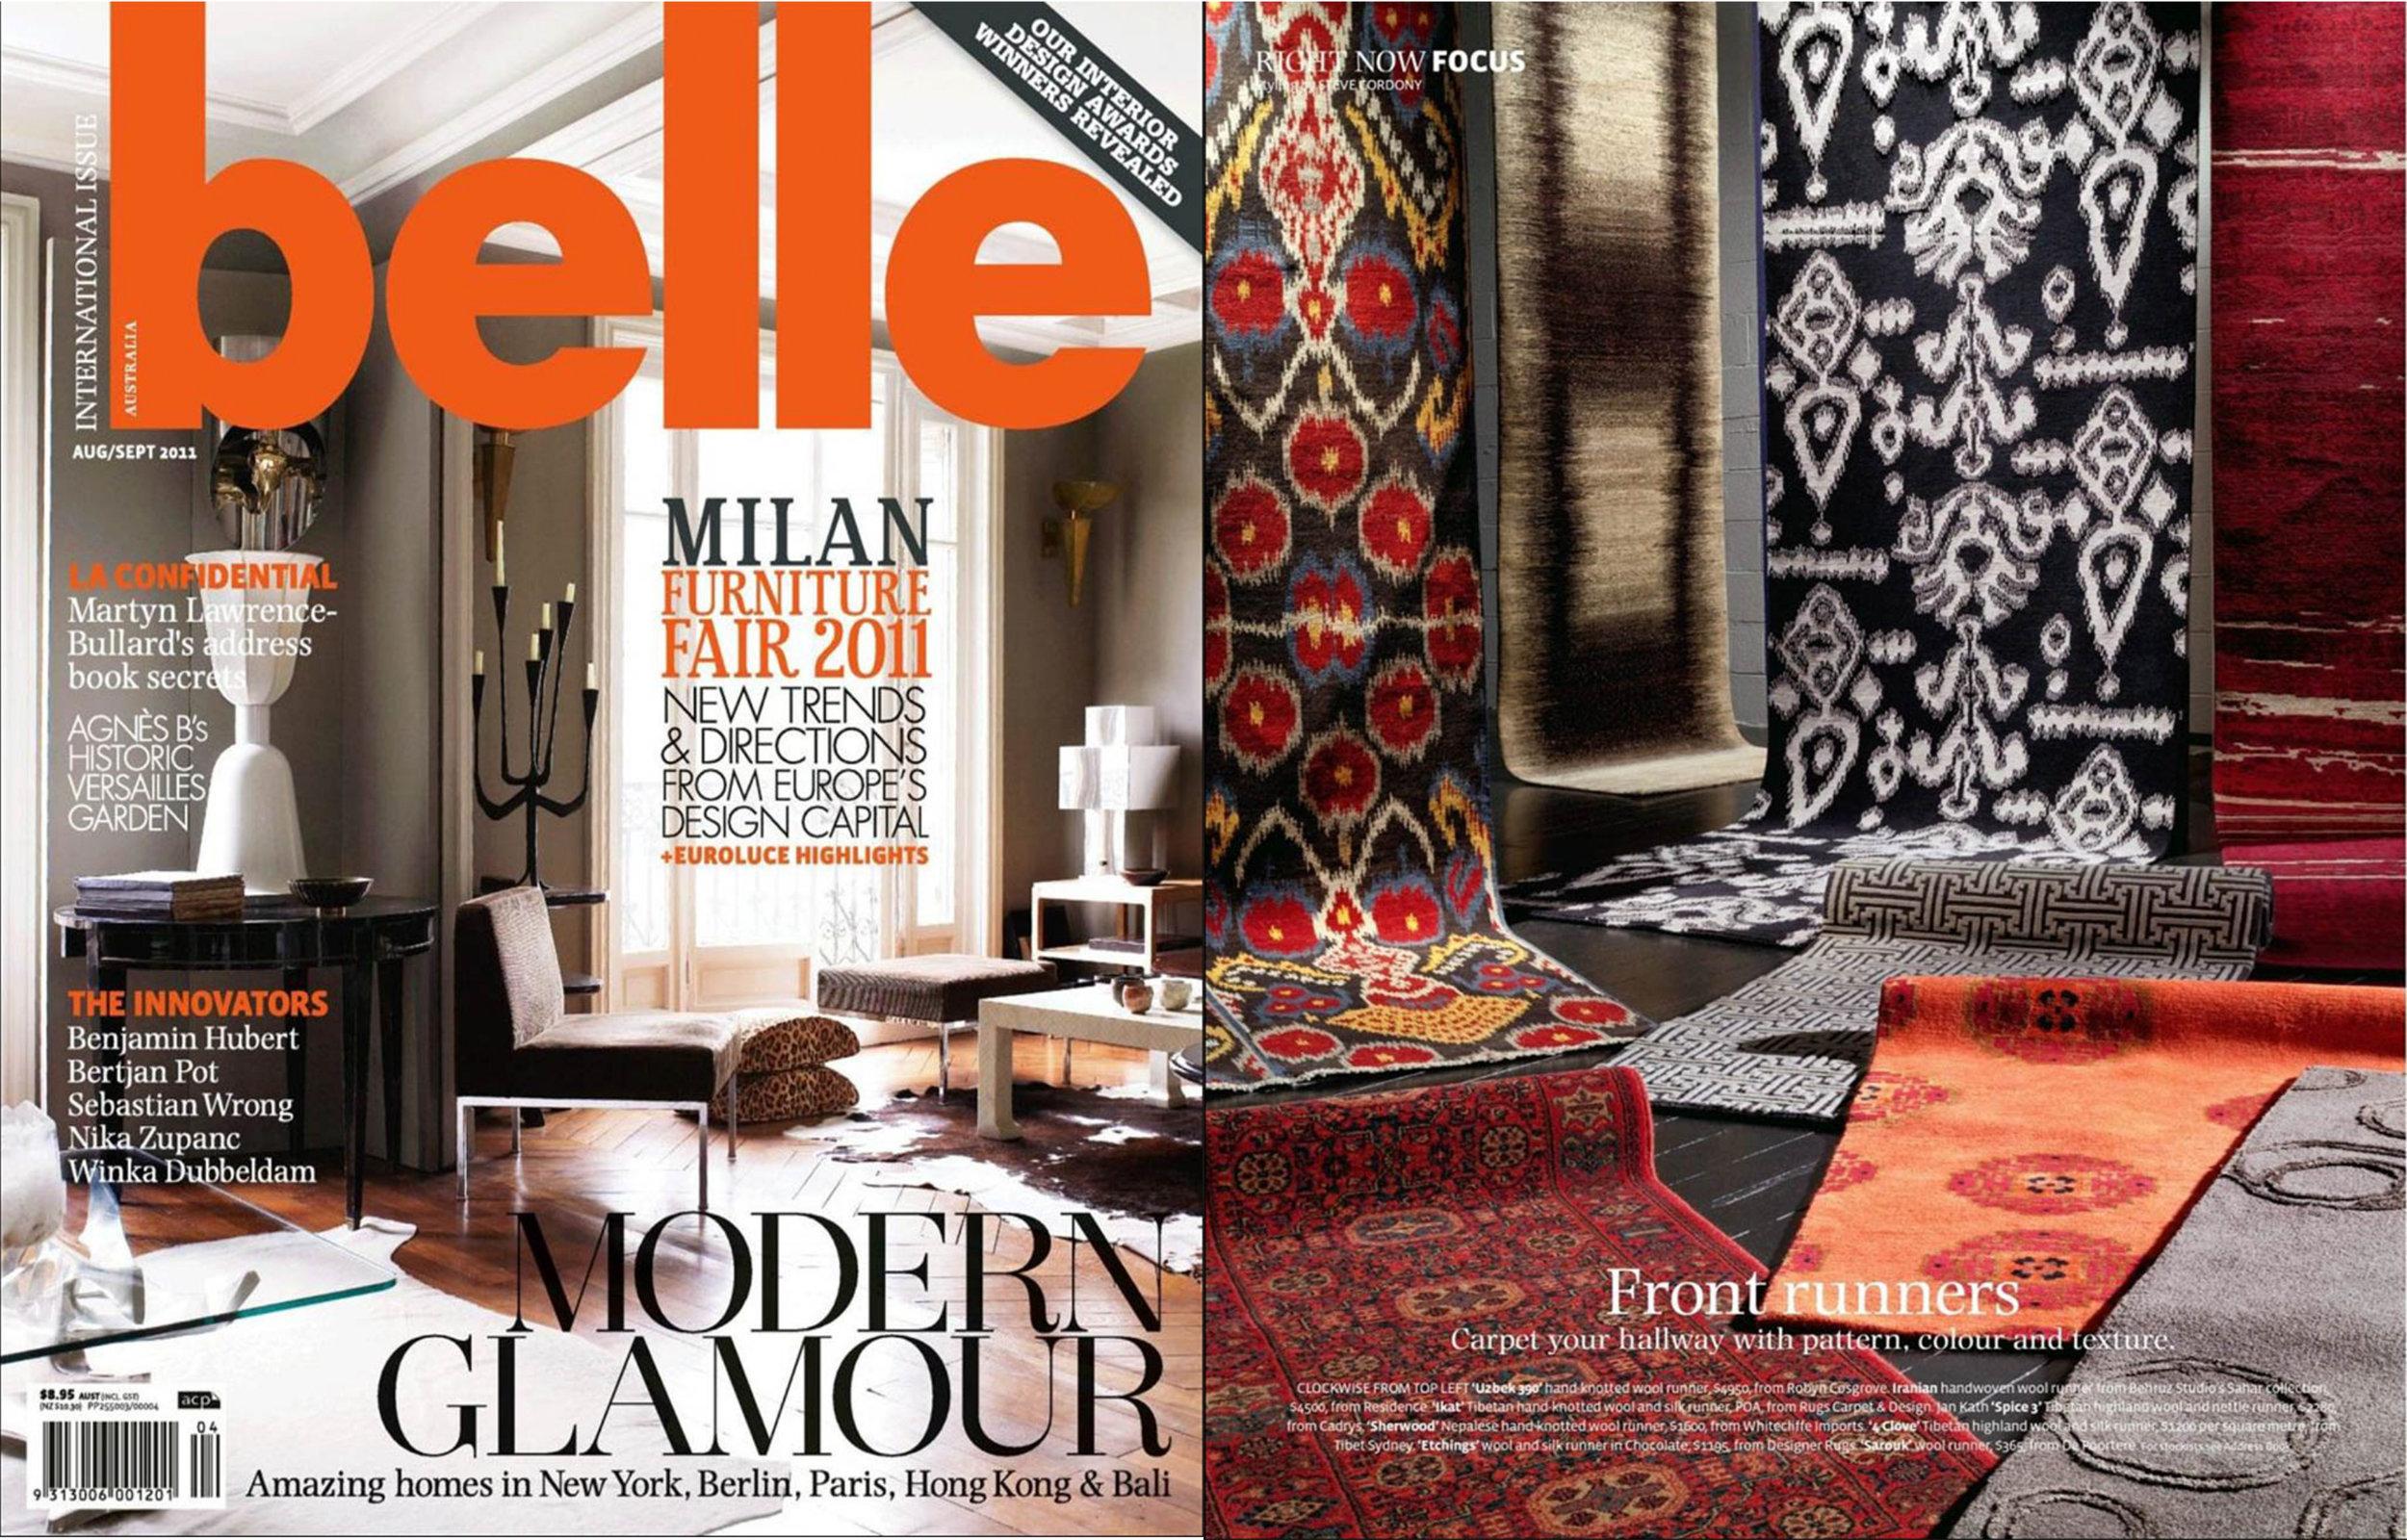 Belle Magazine - Aug/Sept 2011